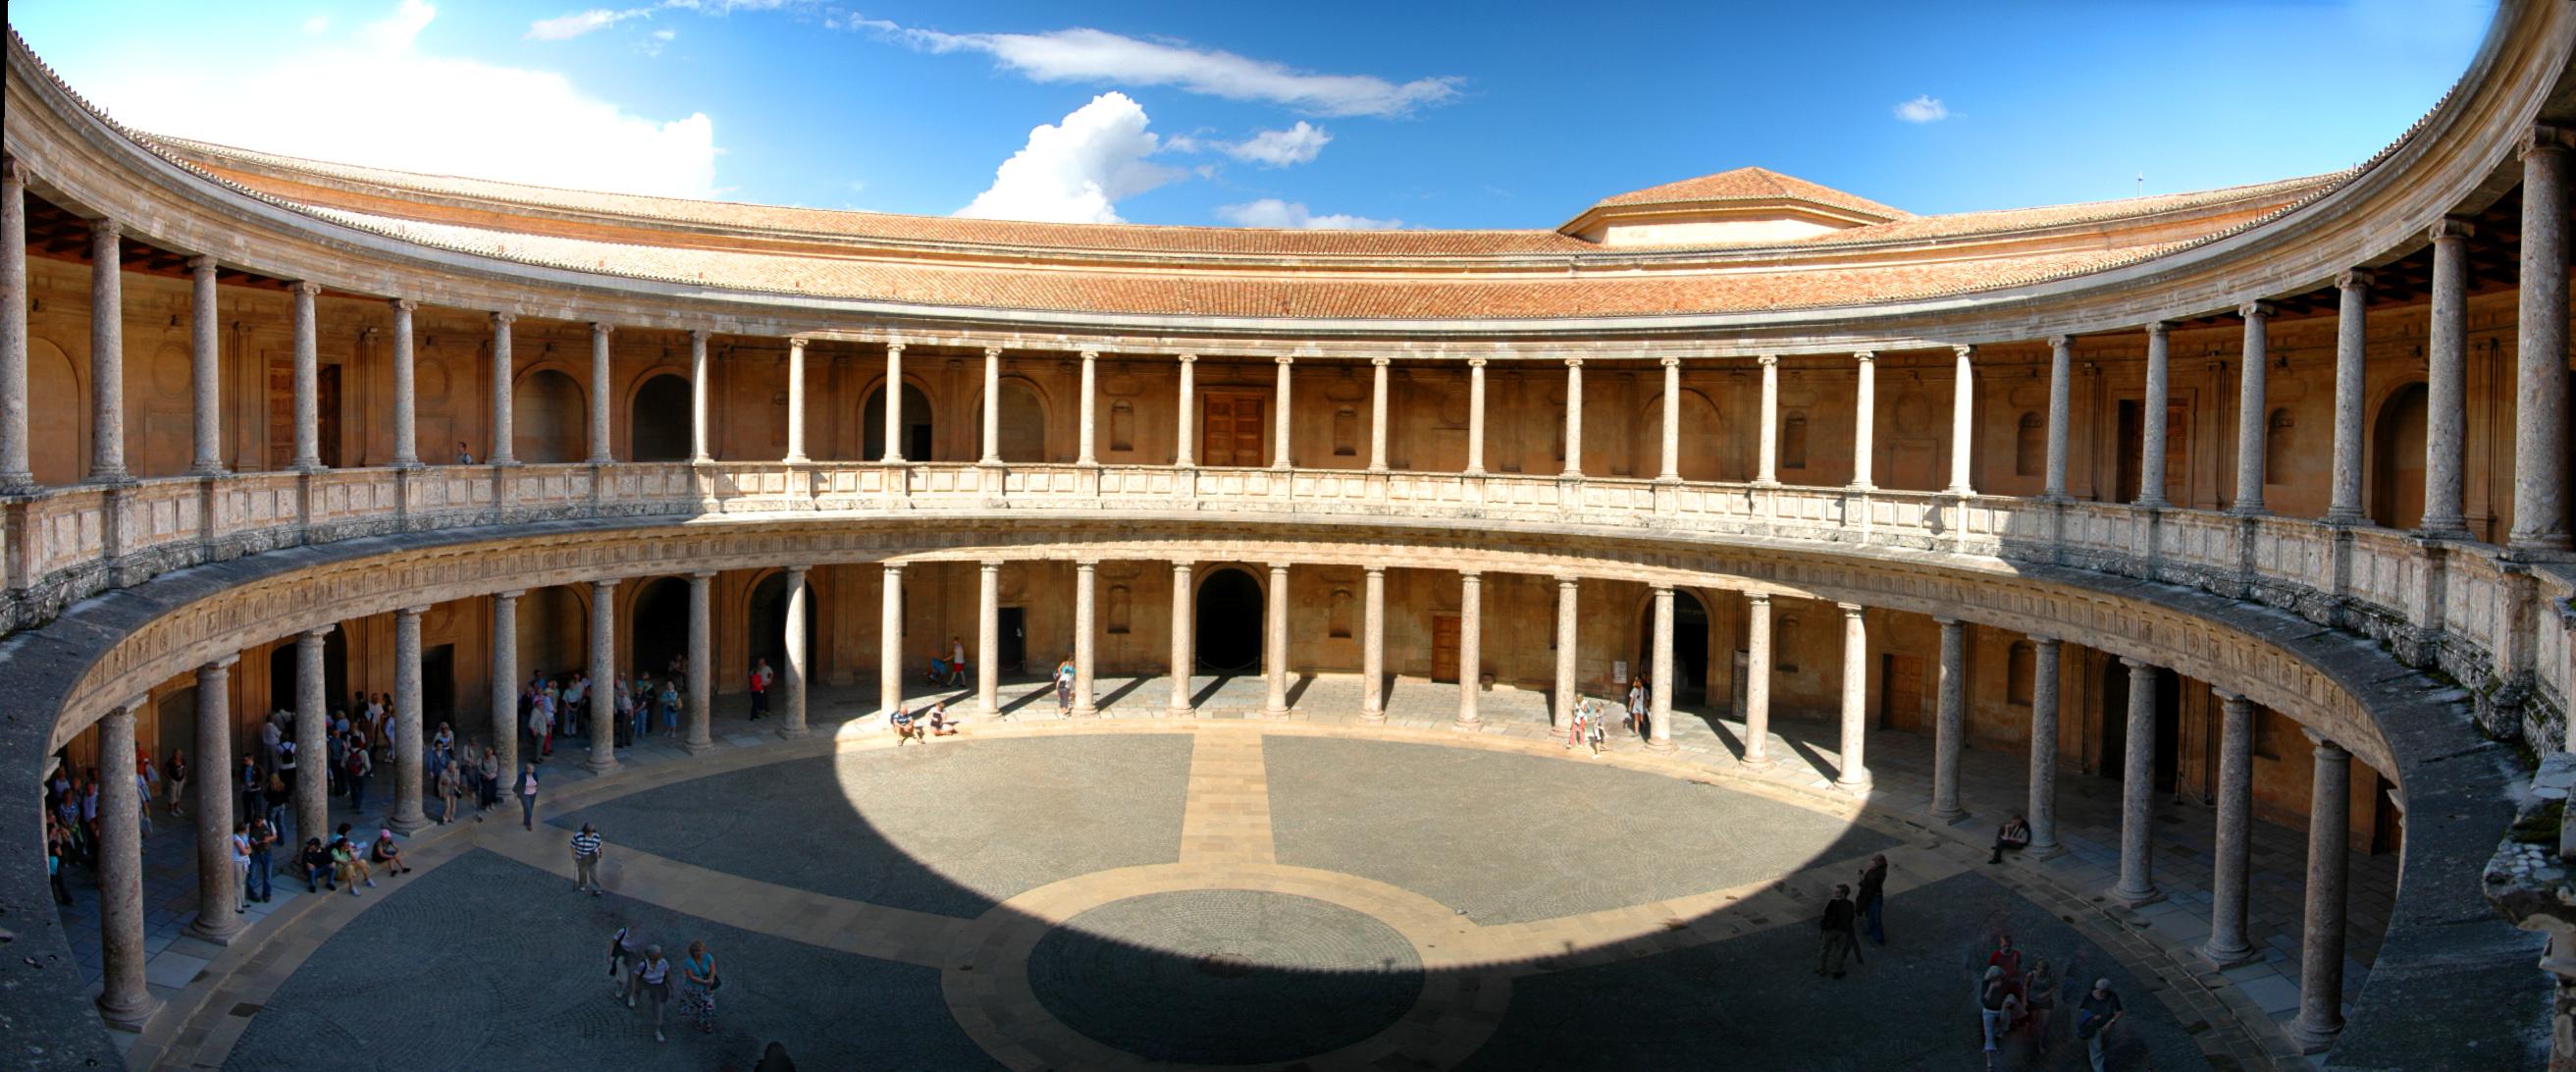 Palacio de Carlos V · Entradas Alhambra